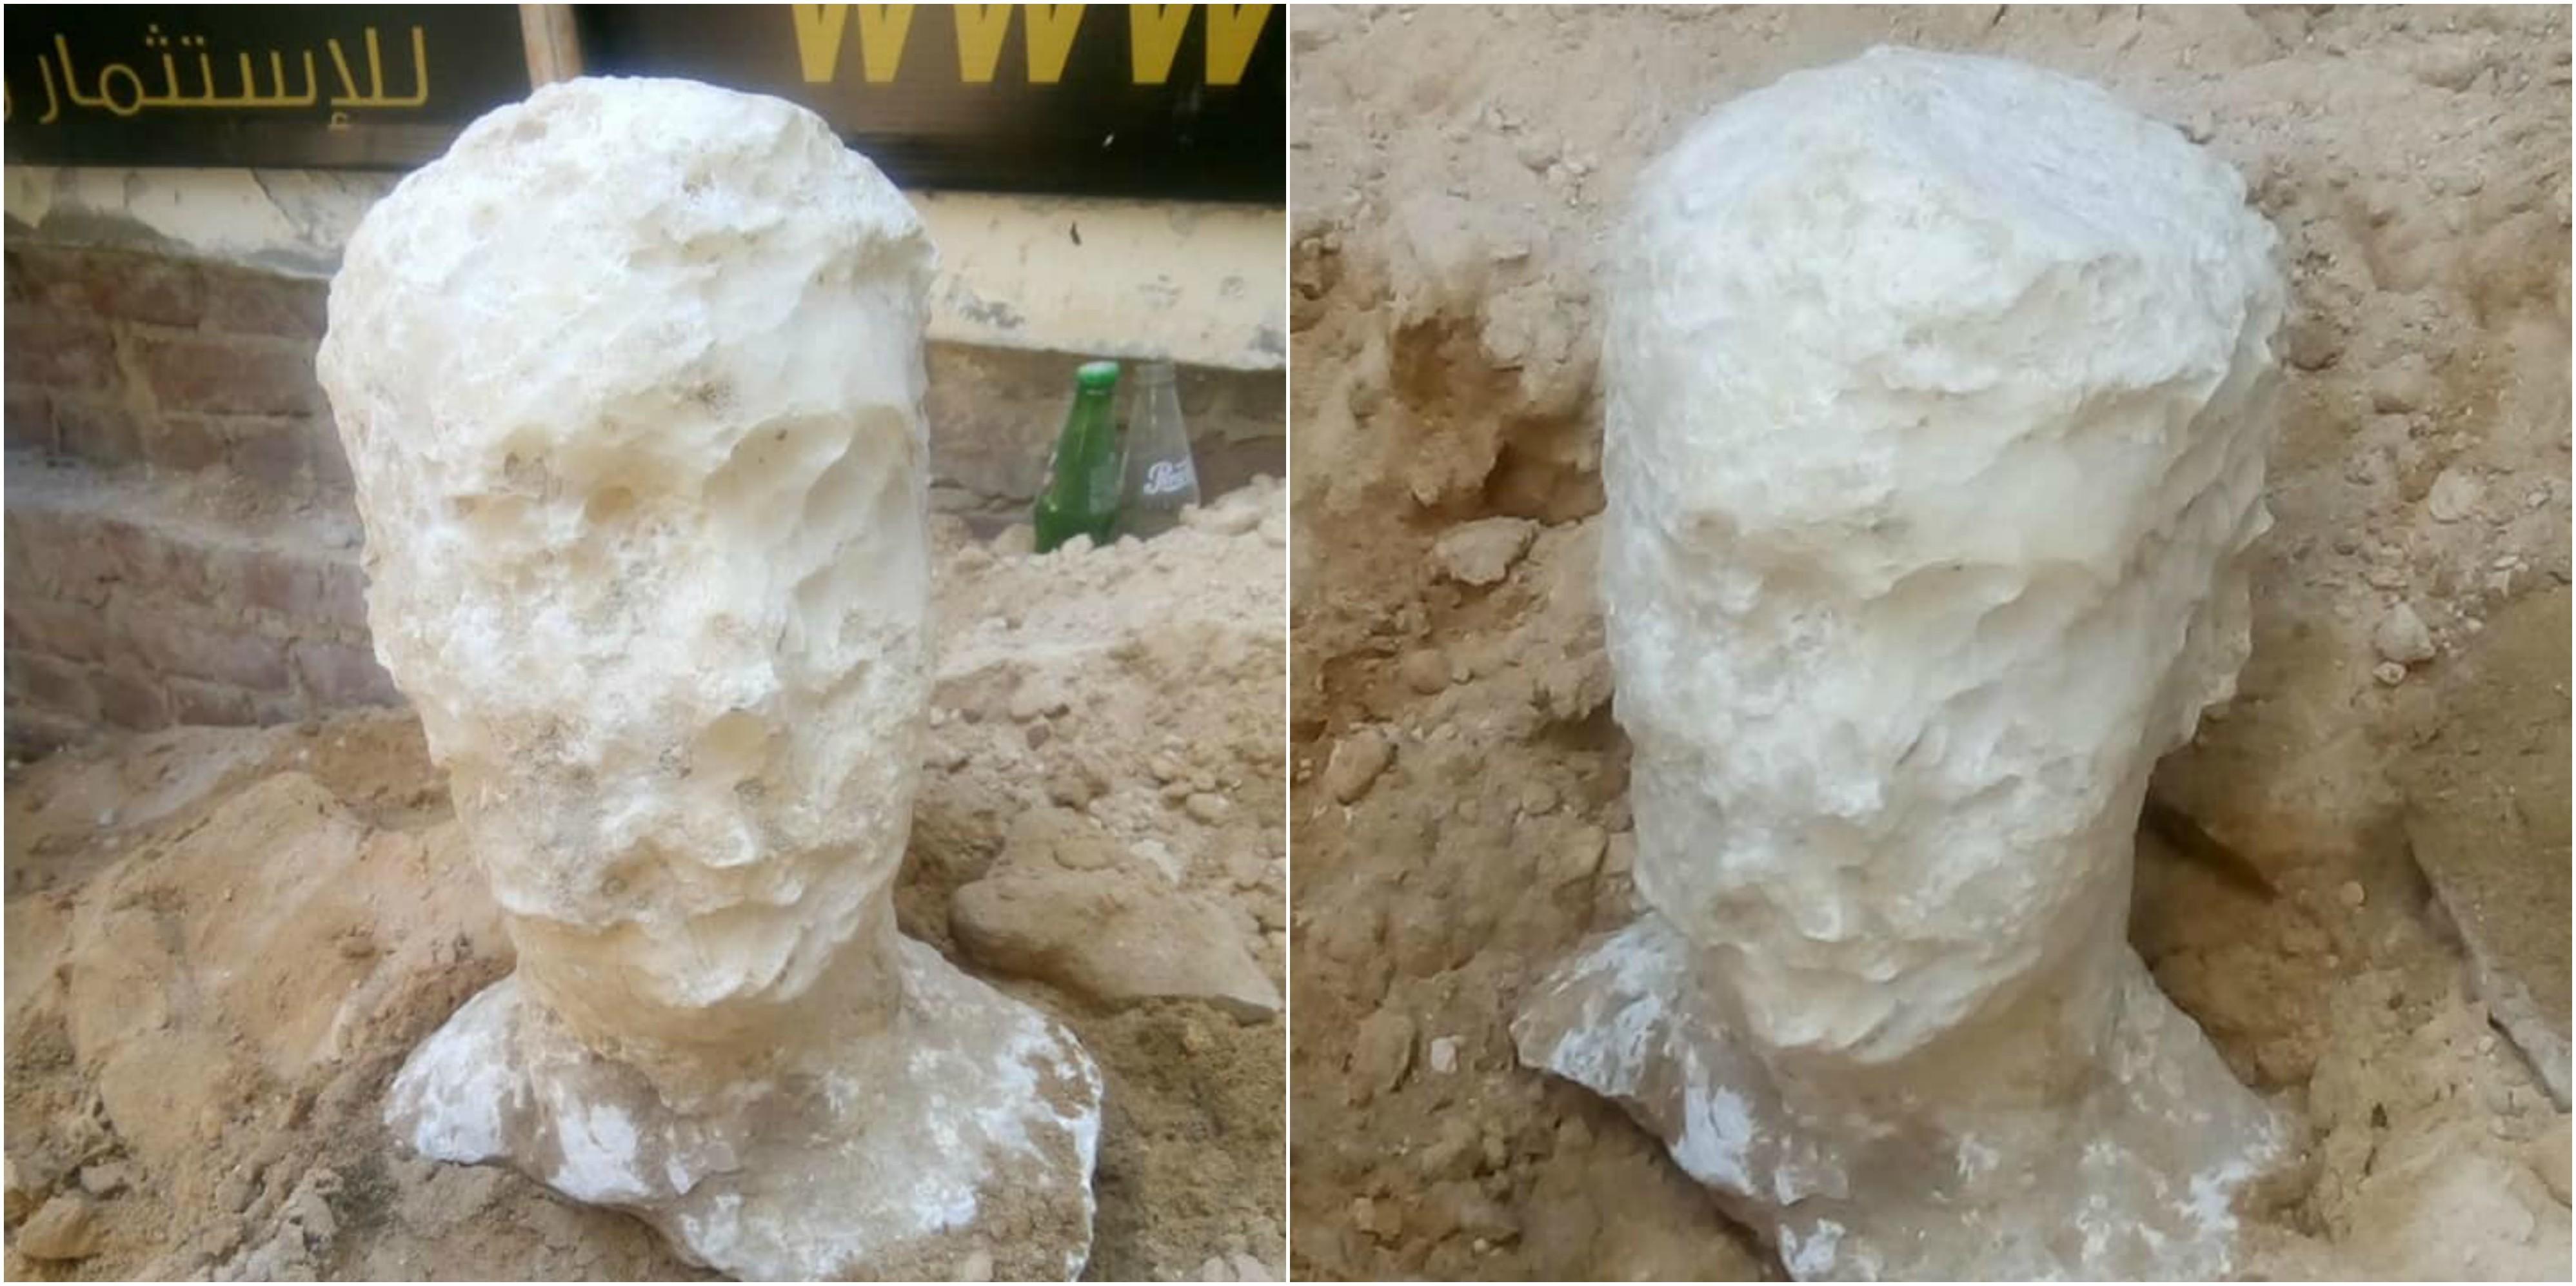 Esculturas que provavelmente pertenceram ao dono do sarcófago.  (Foto: Ministry of Antiquities)